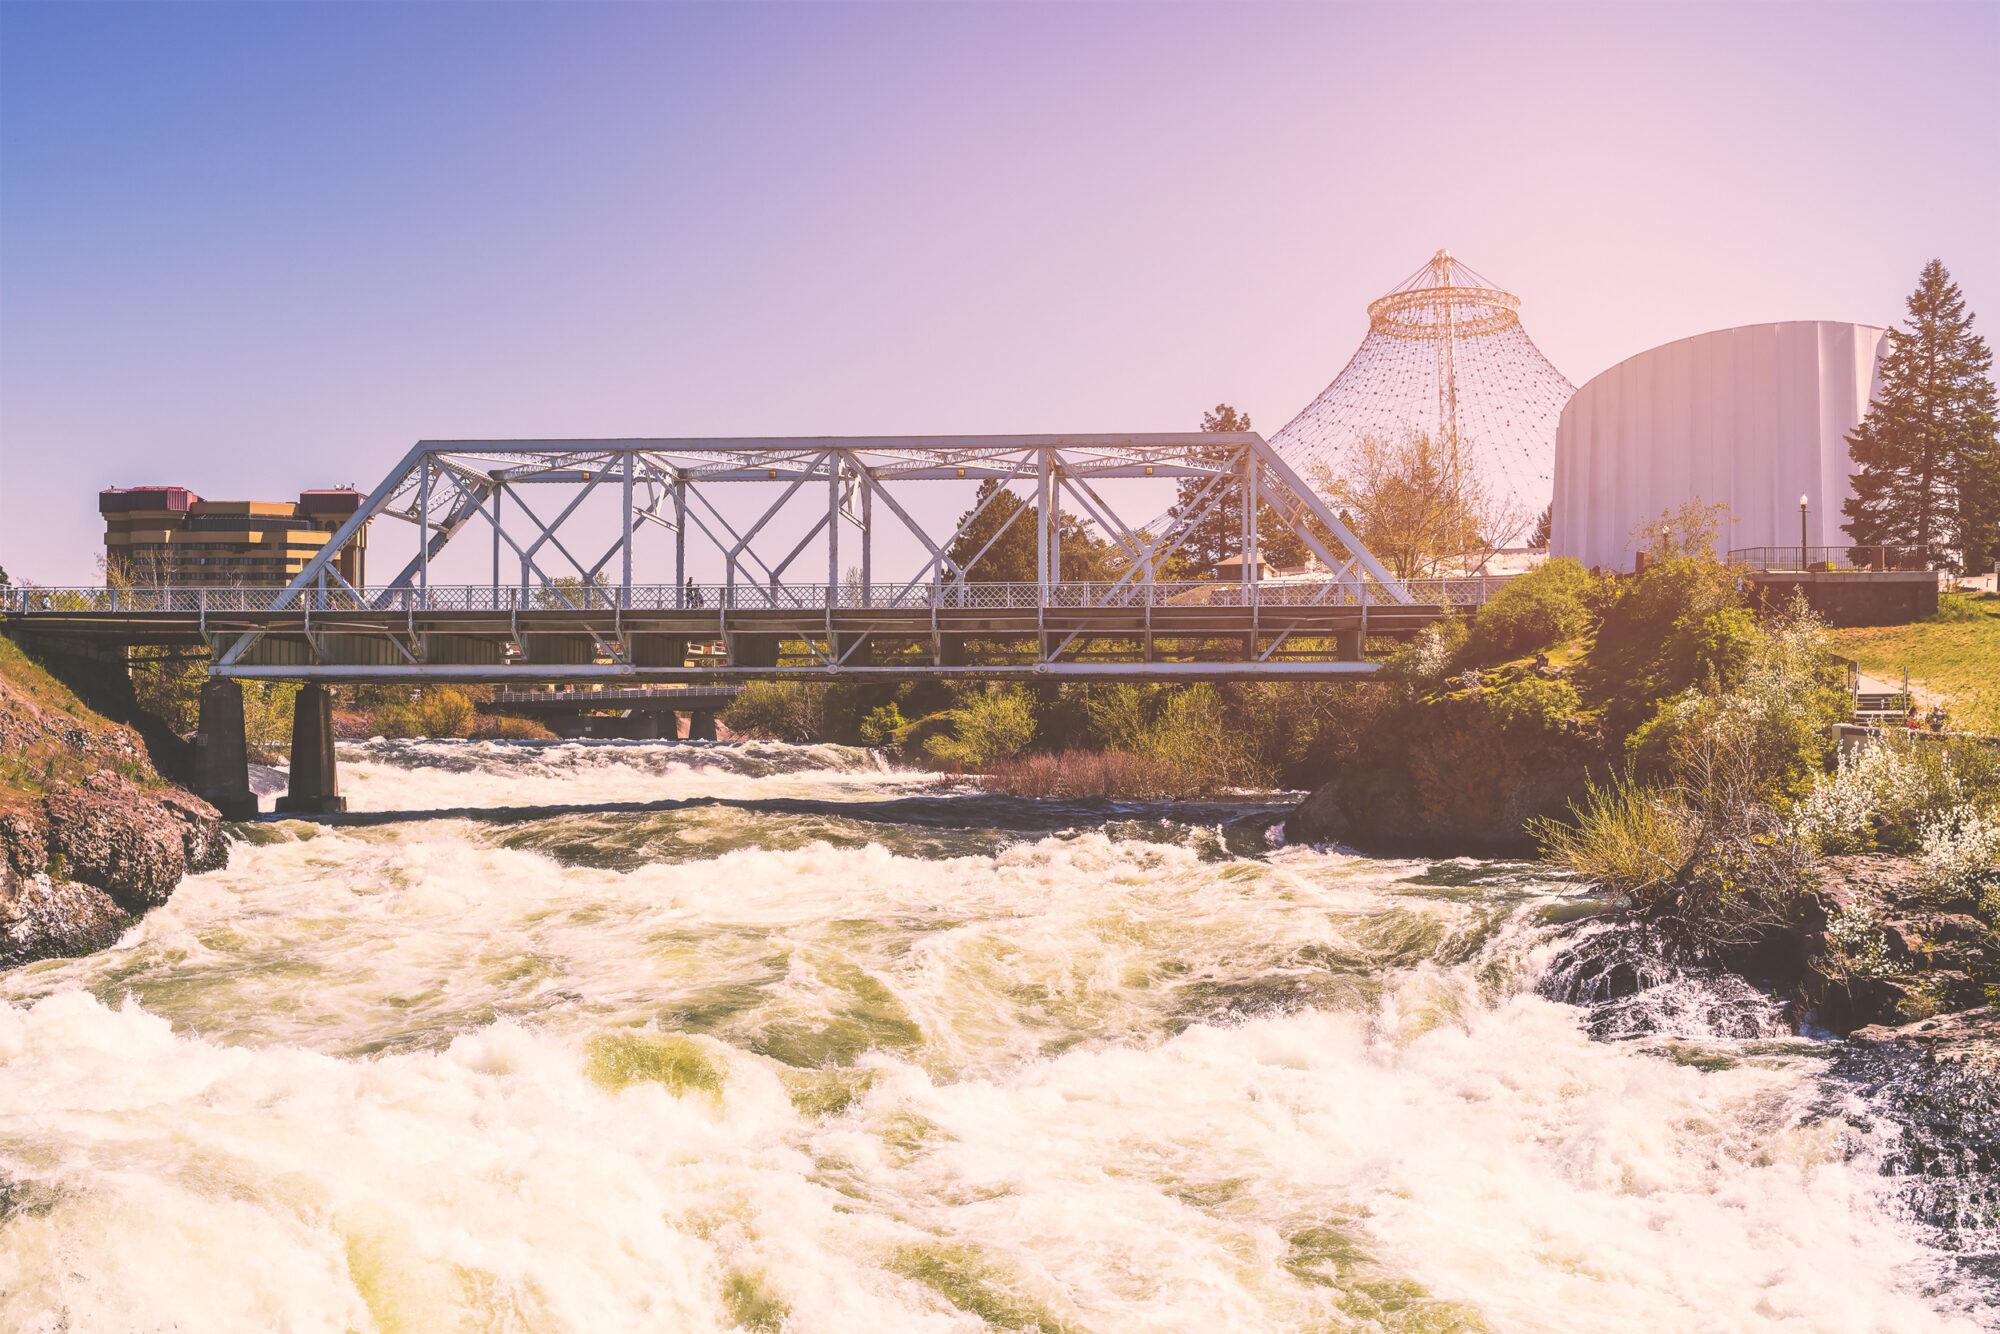 Downtown Spokane Bridge and Pavilion